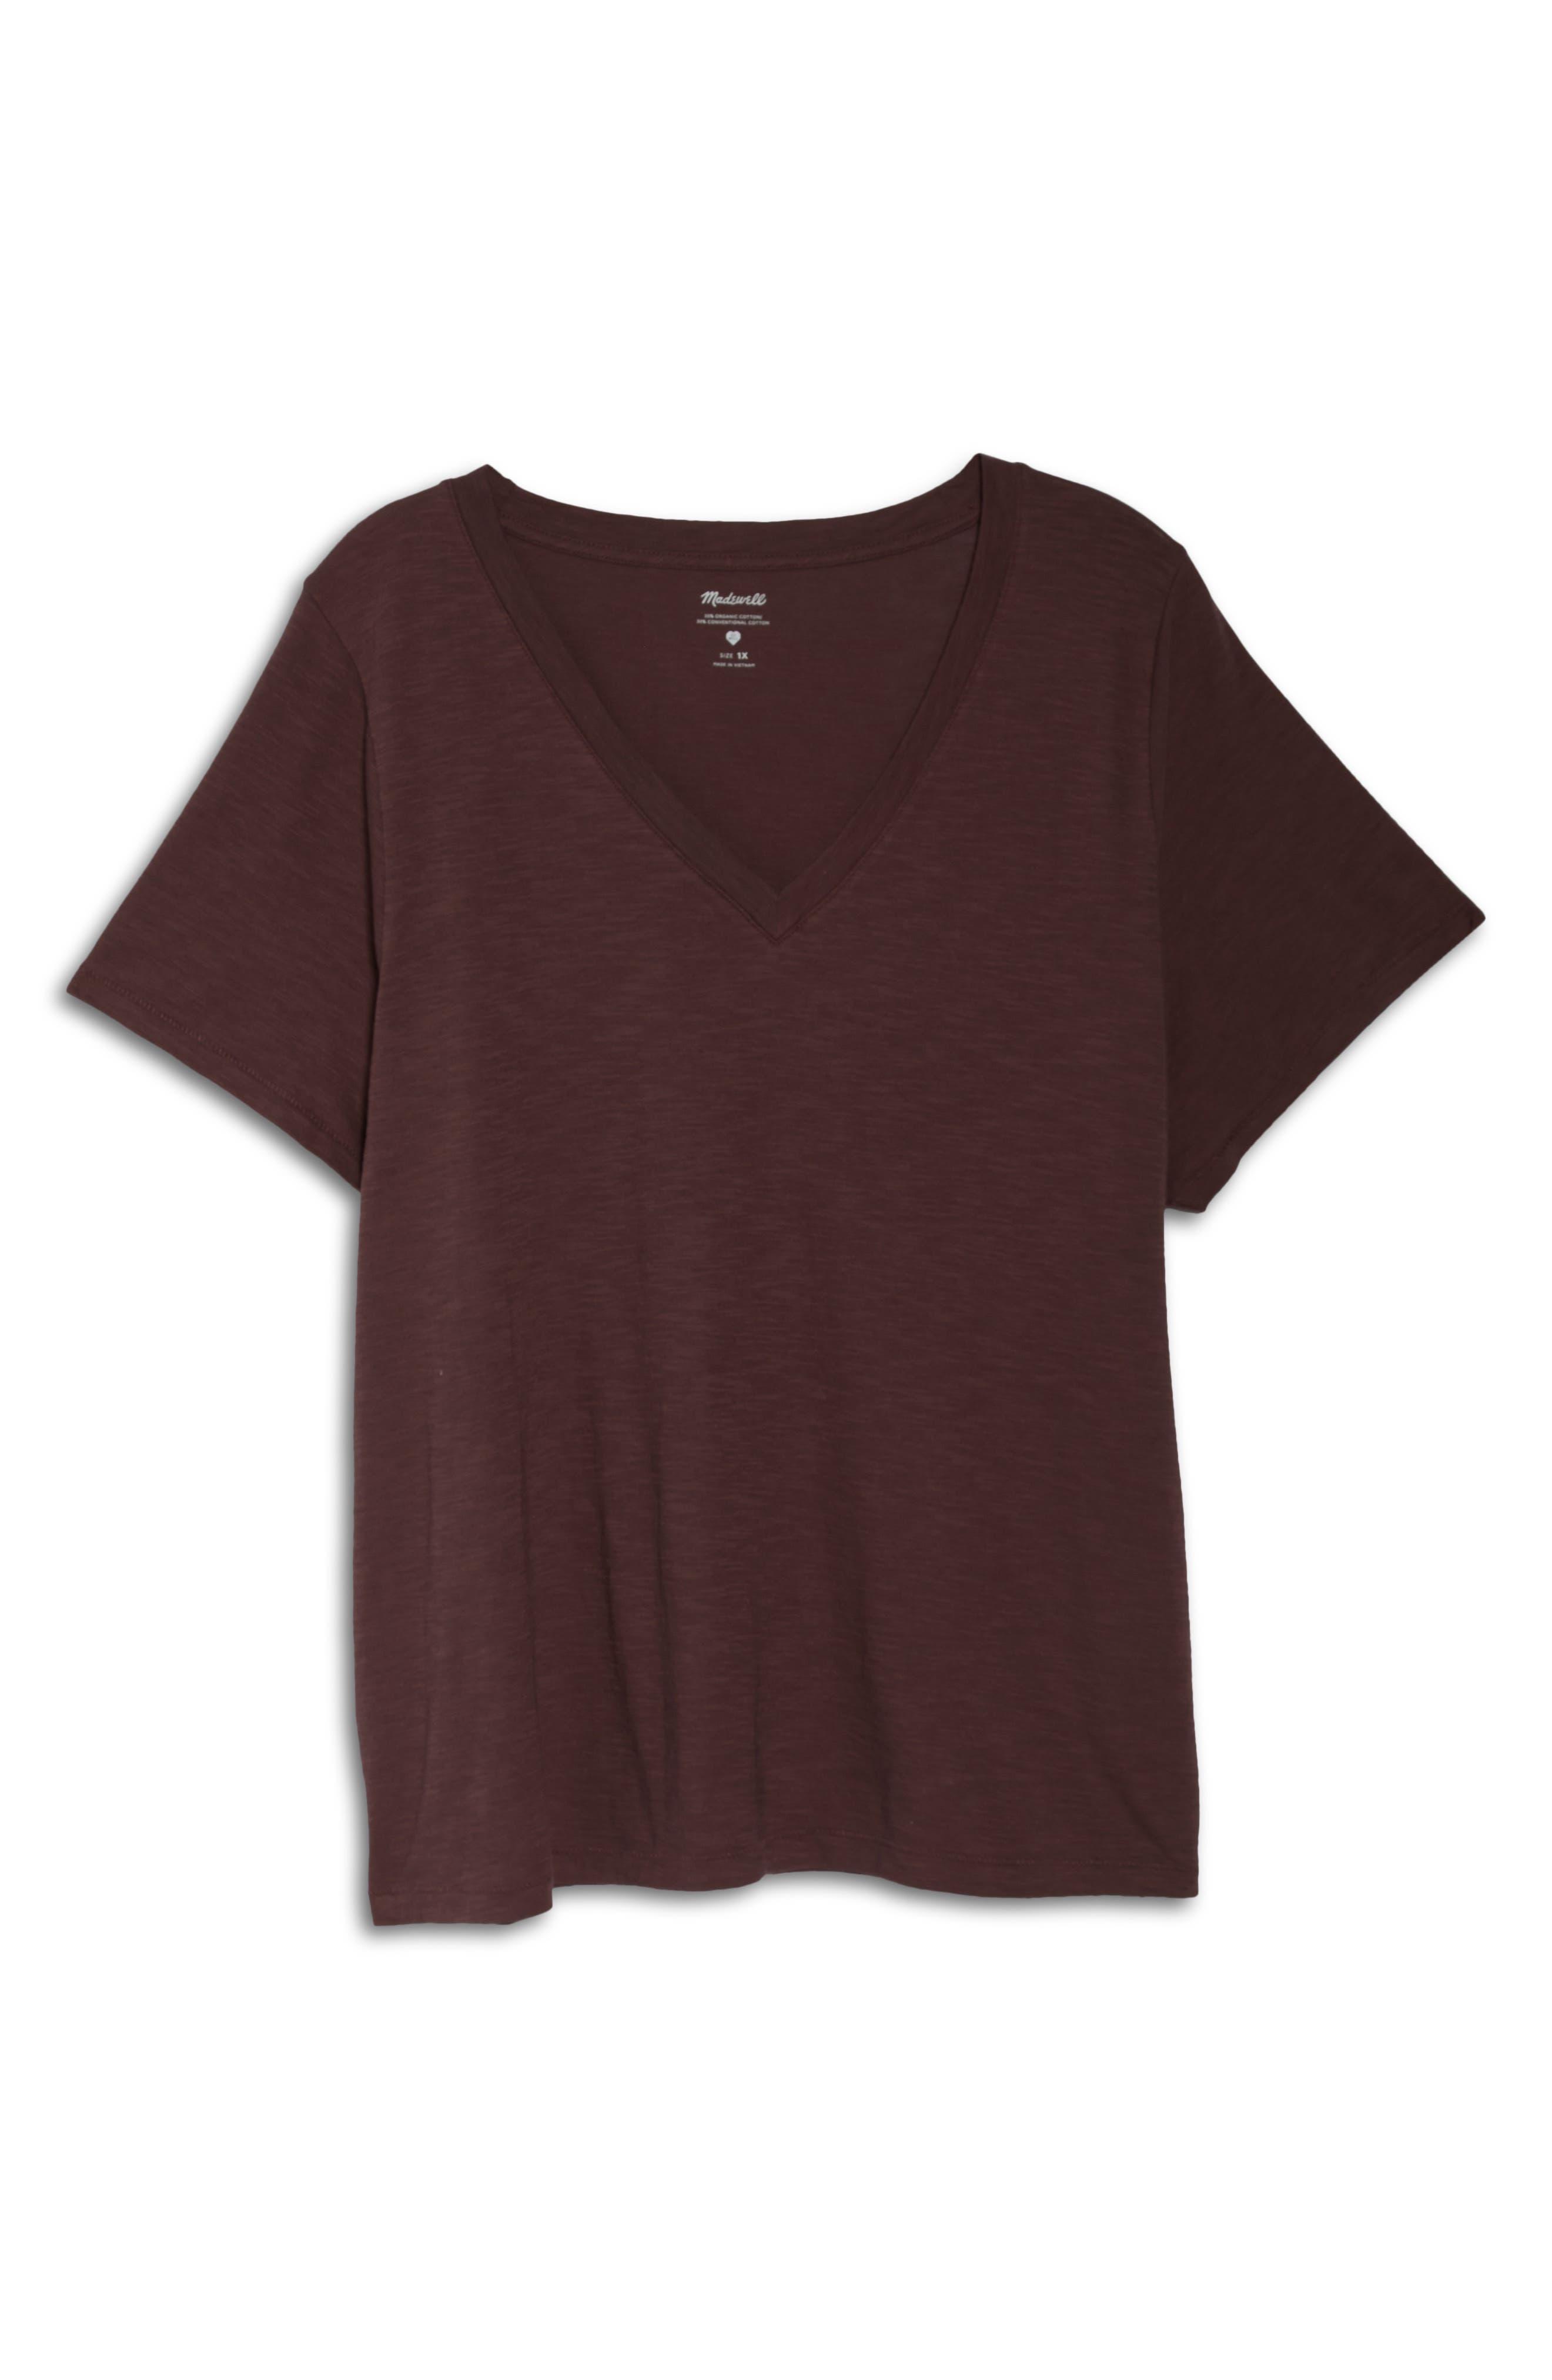 Tunics Beige blouse cotton top Women Oversize Knitted shirt Women Bat shirt